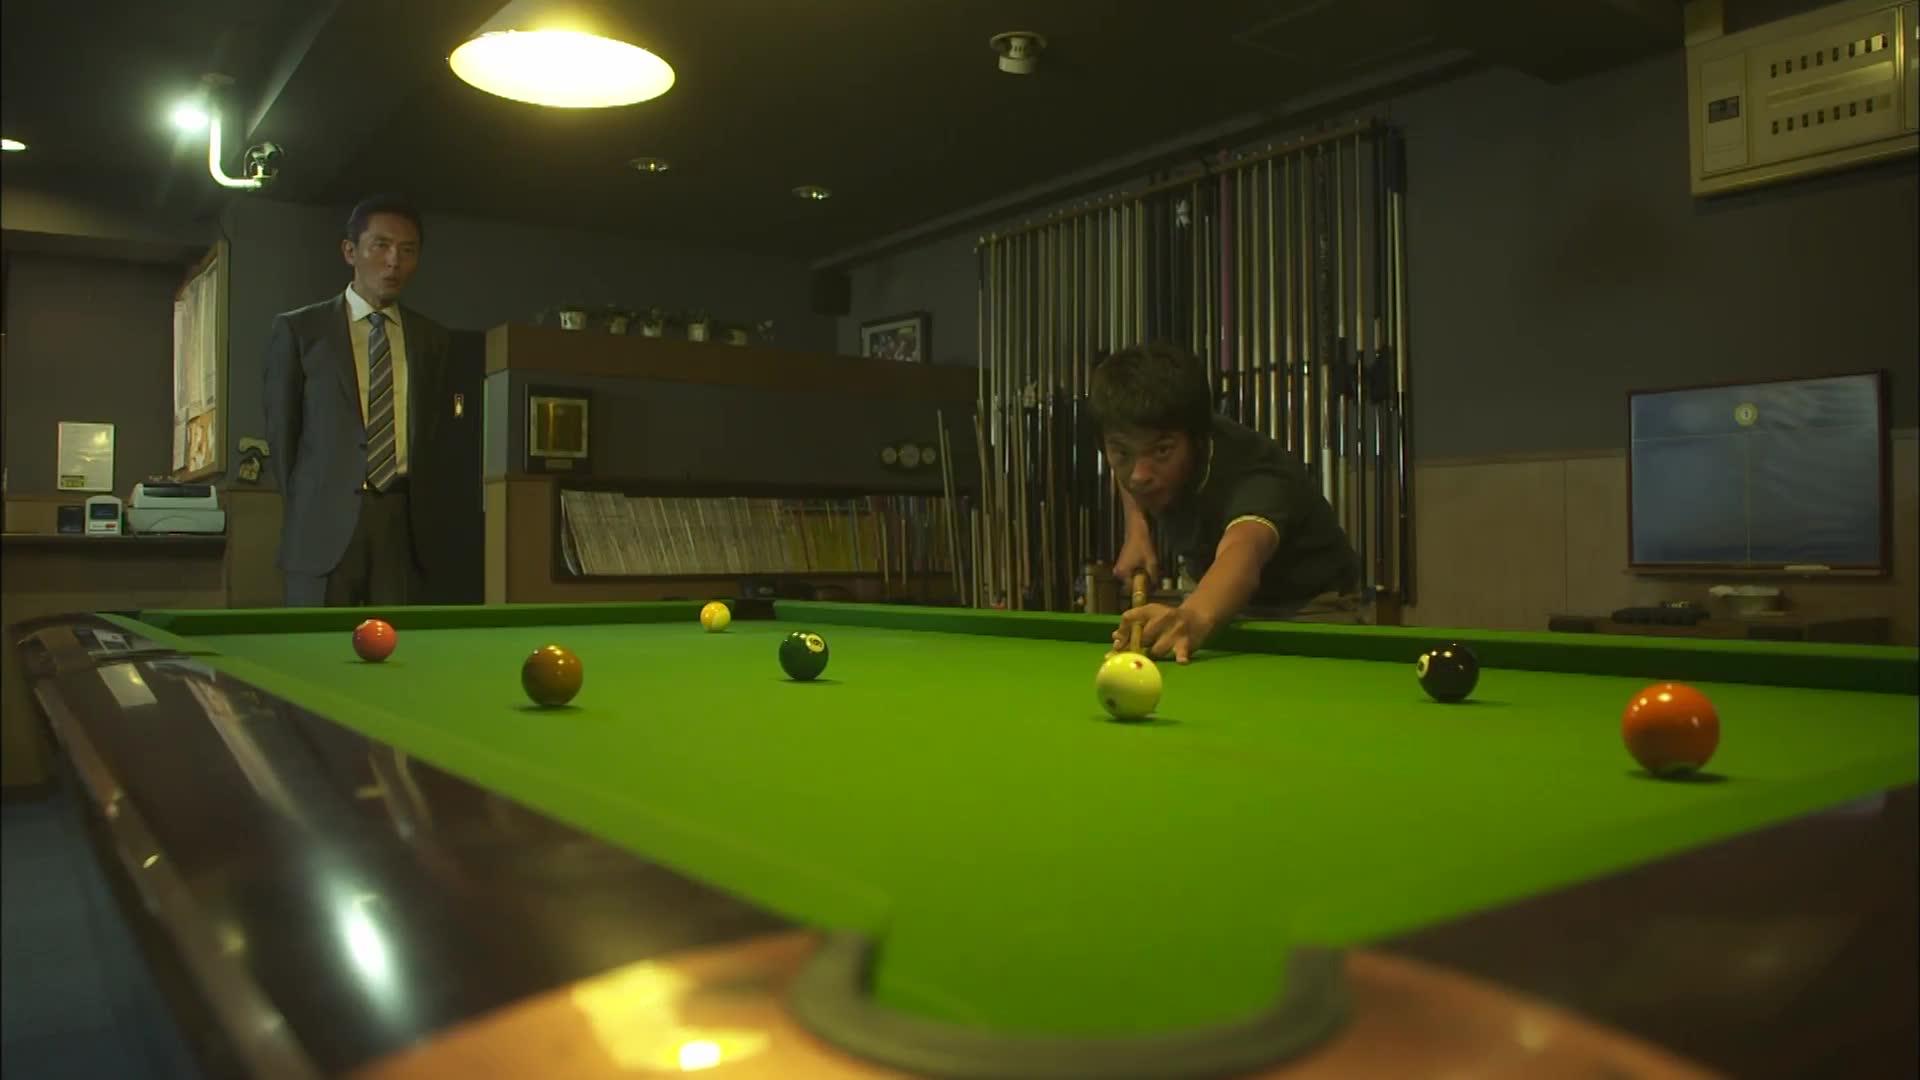 제 4화 도쿄 도 하치오지 시 코미야 마치 편